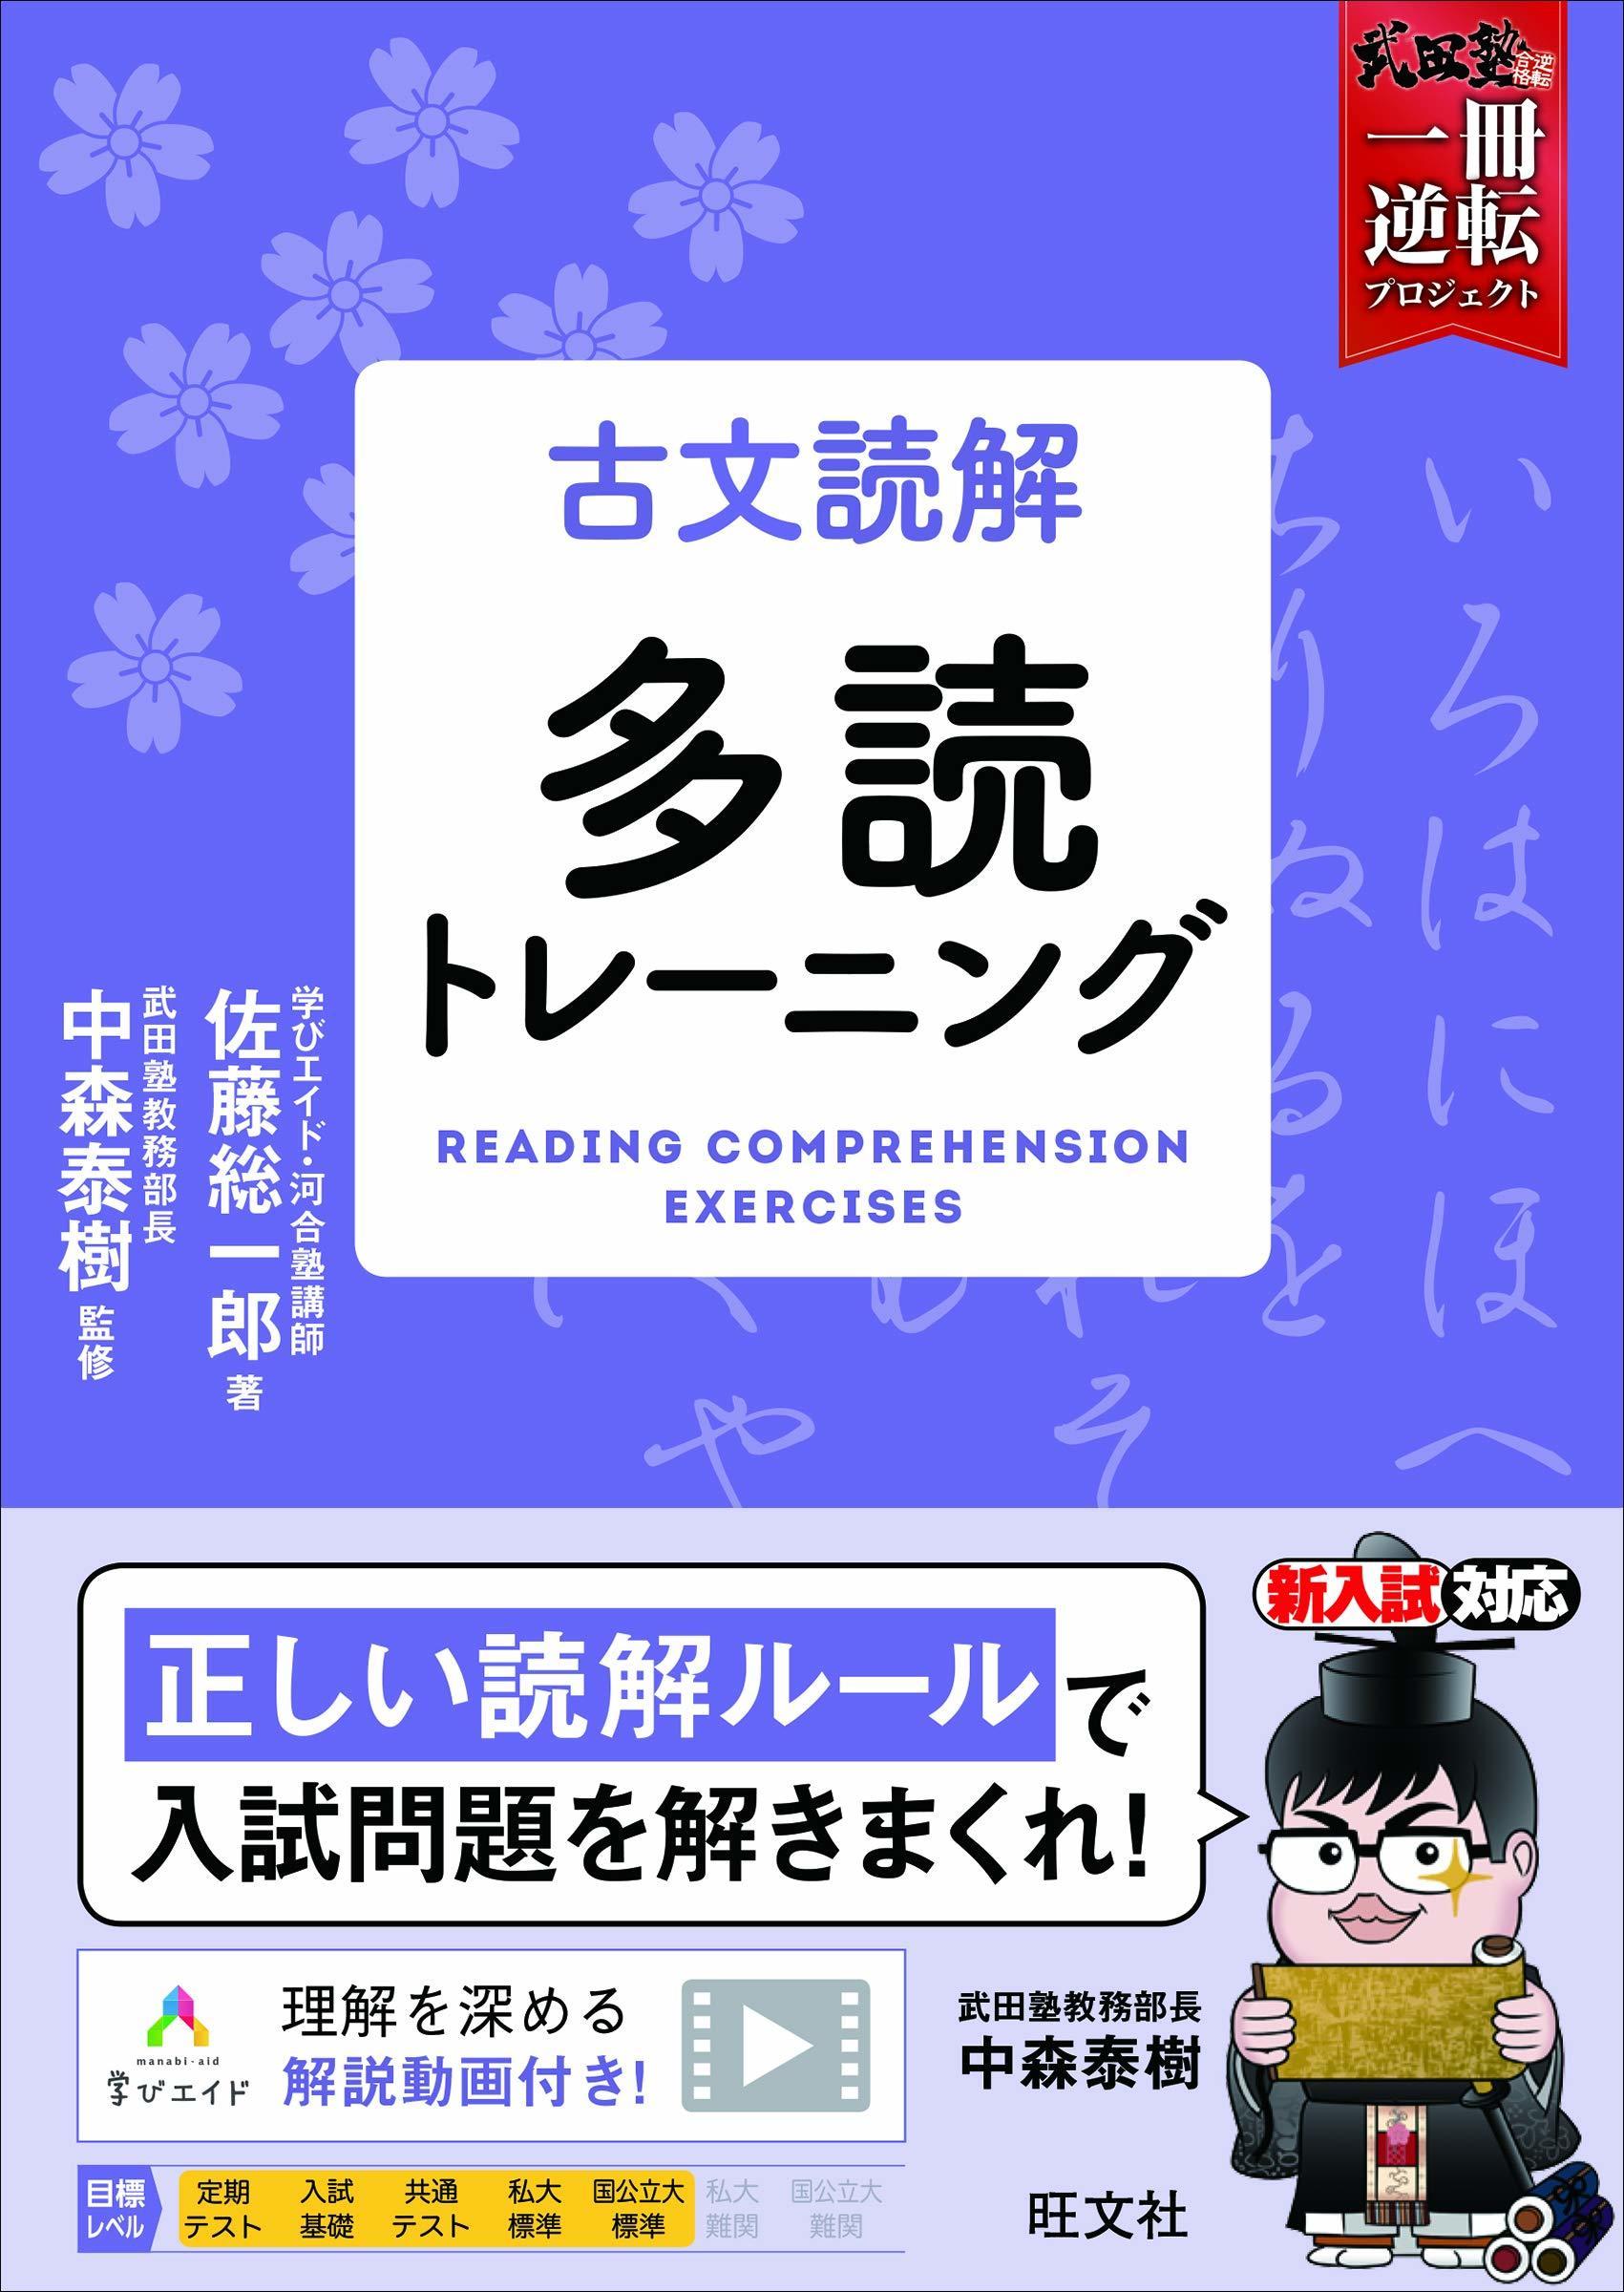 【2020年10月版】武田塾の料金/費用・評判 ...